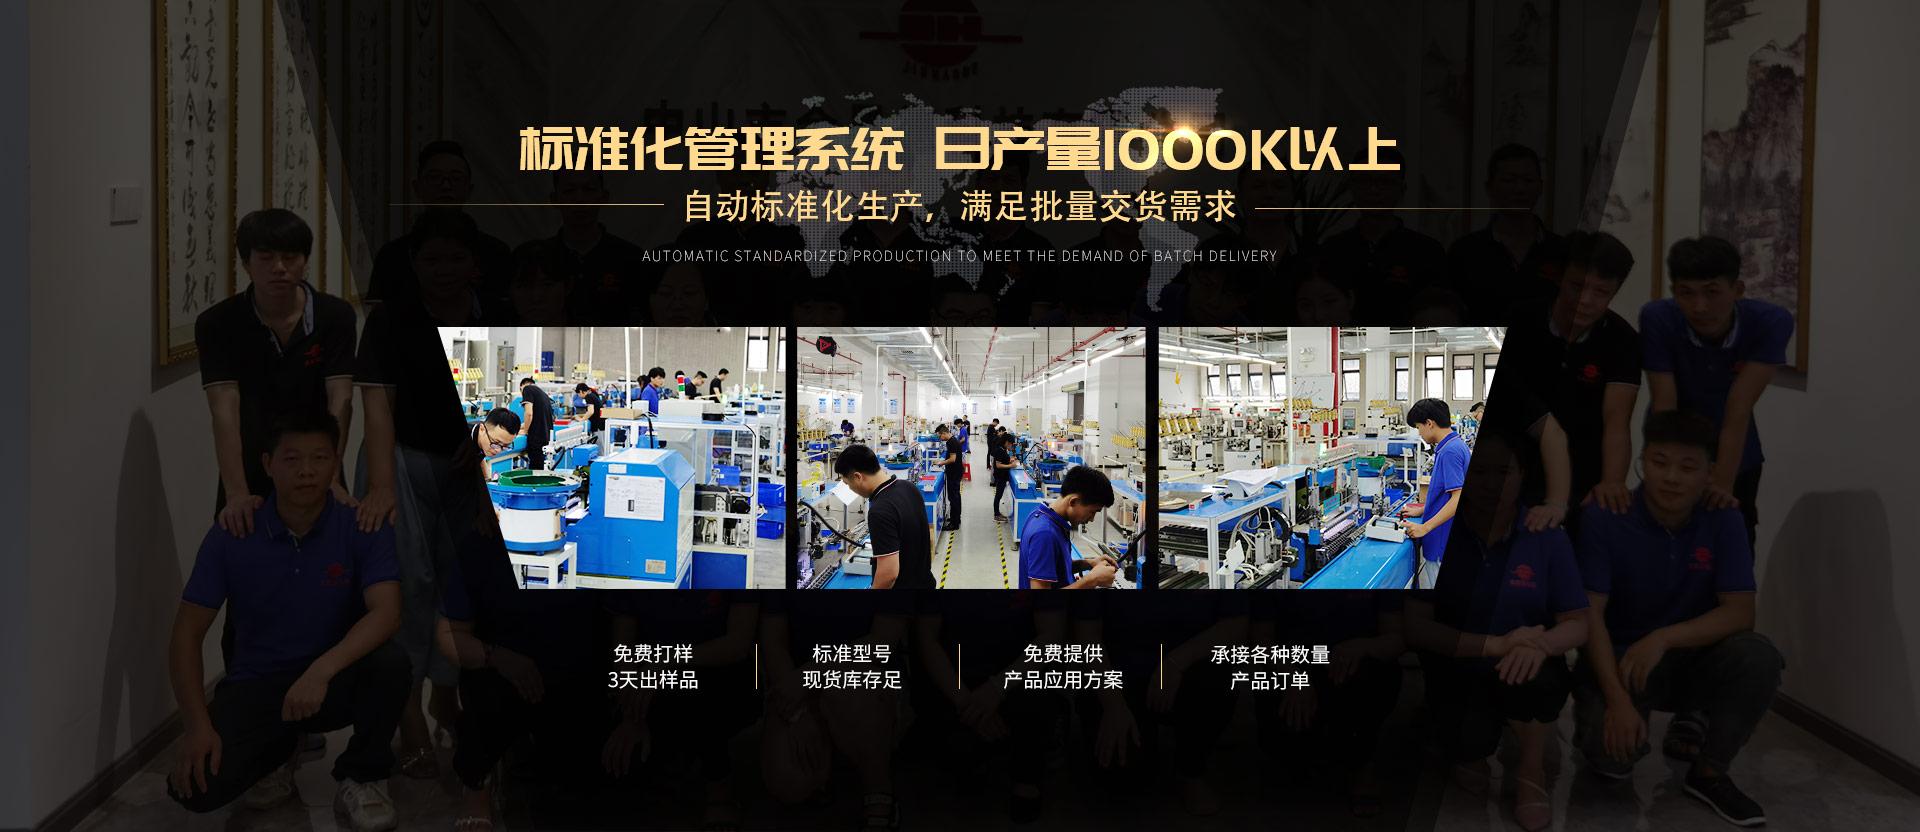 金昊德-标准化管理系统,日产量1000K以上